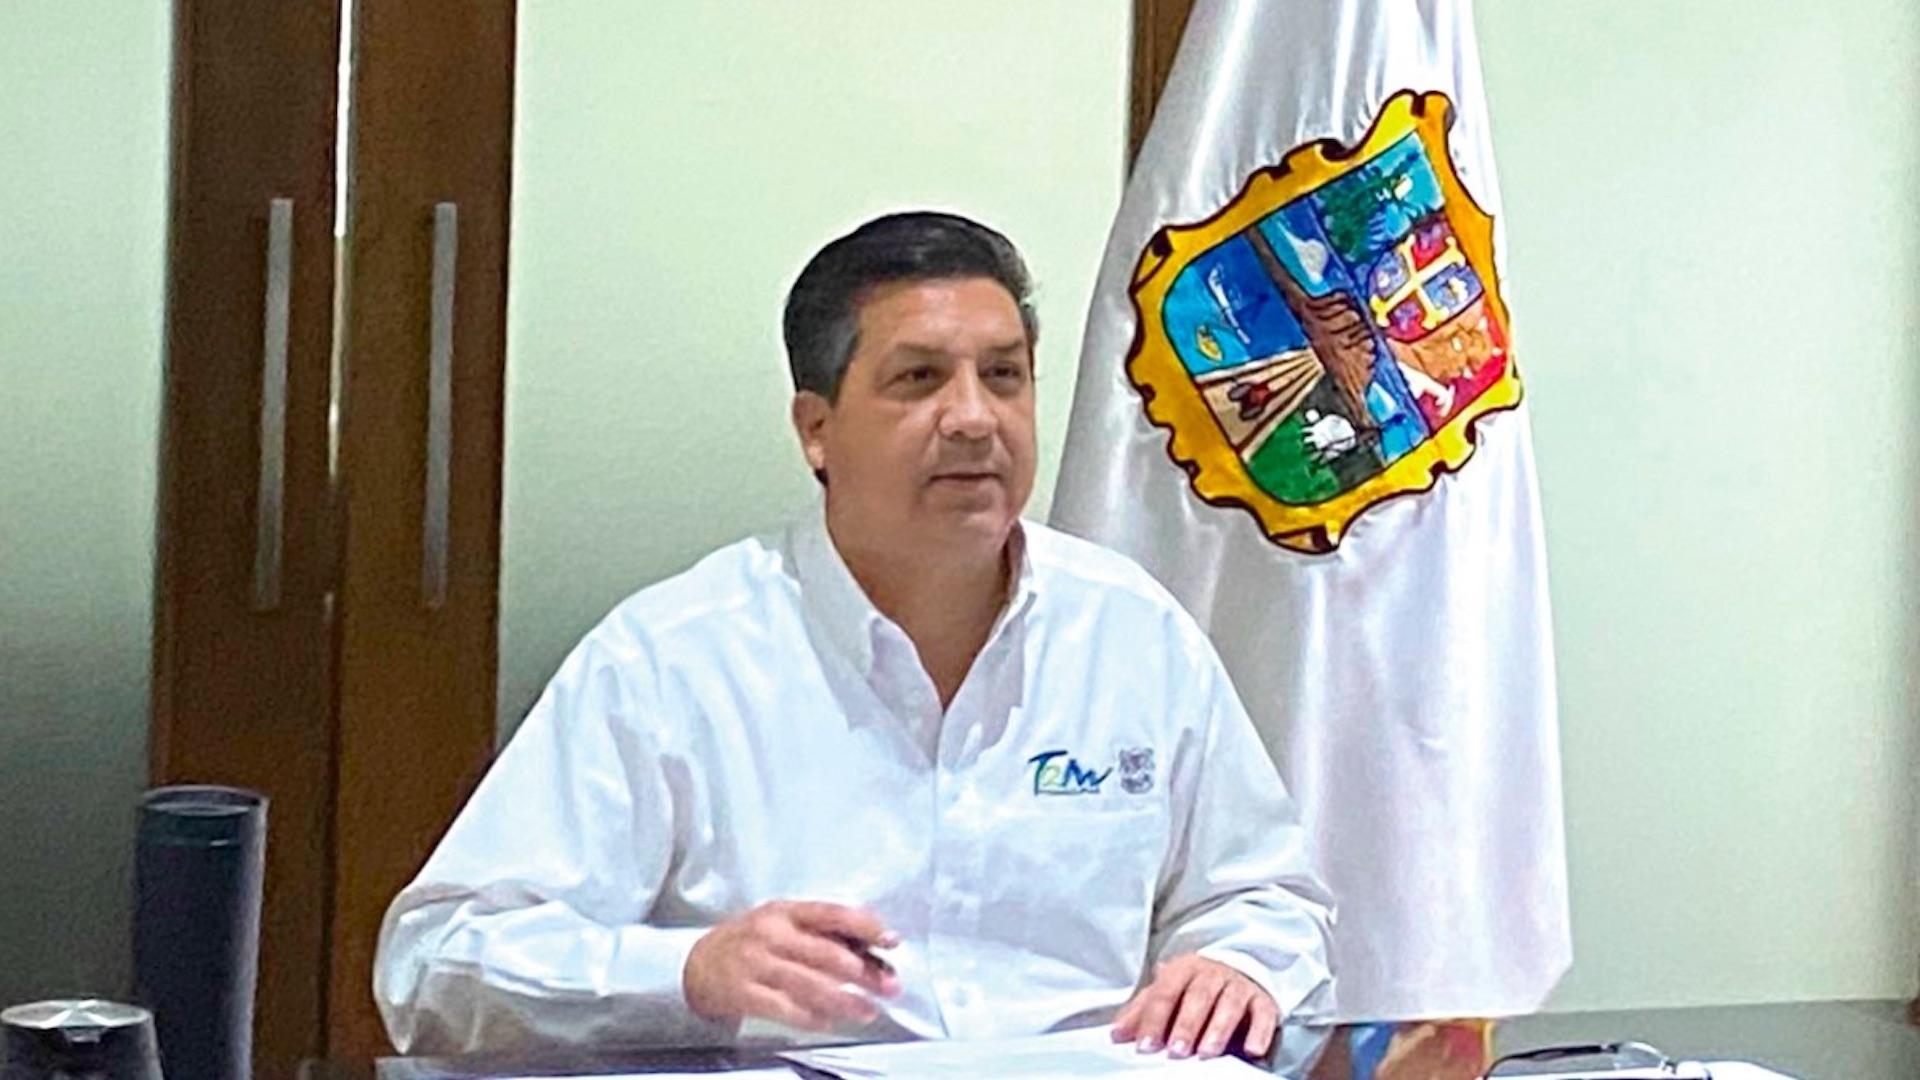 Congreso de Tamaulipas aprueba fuero definitivo para García Cabeza de Vaca